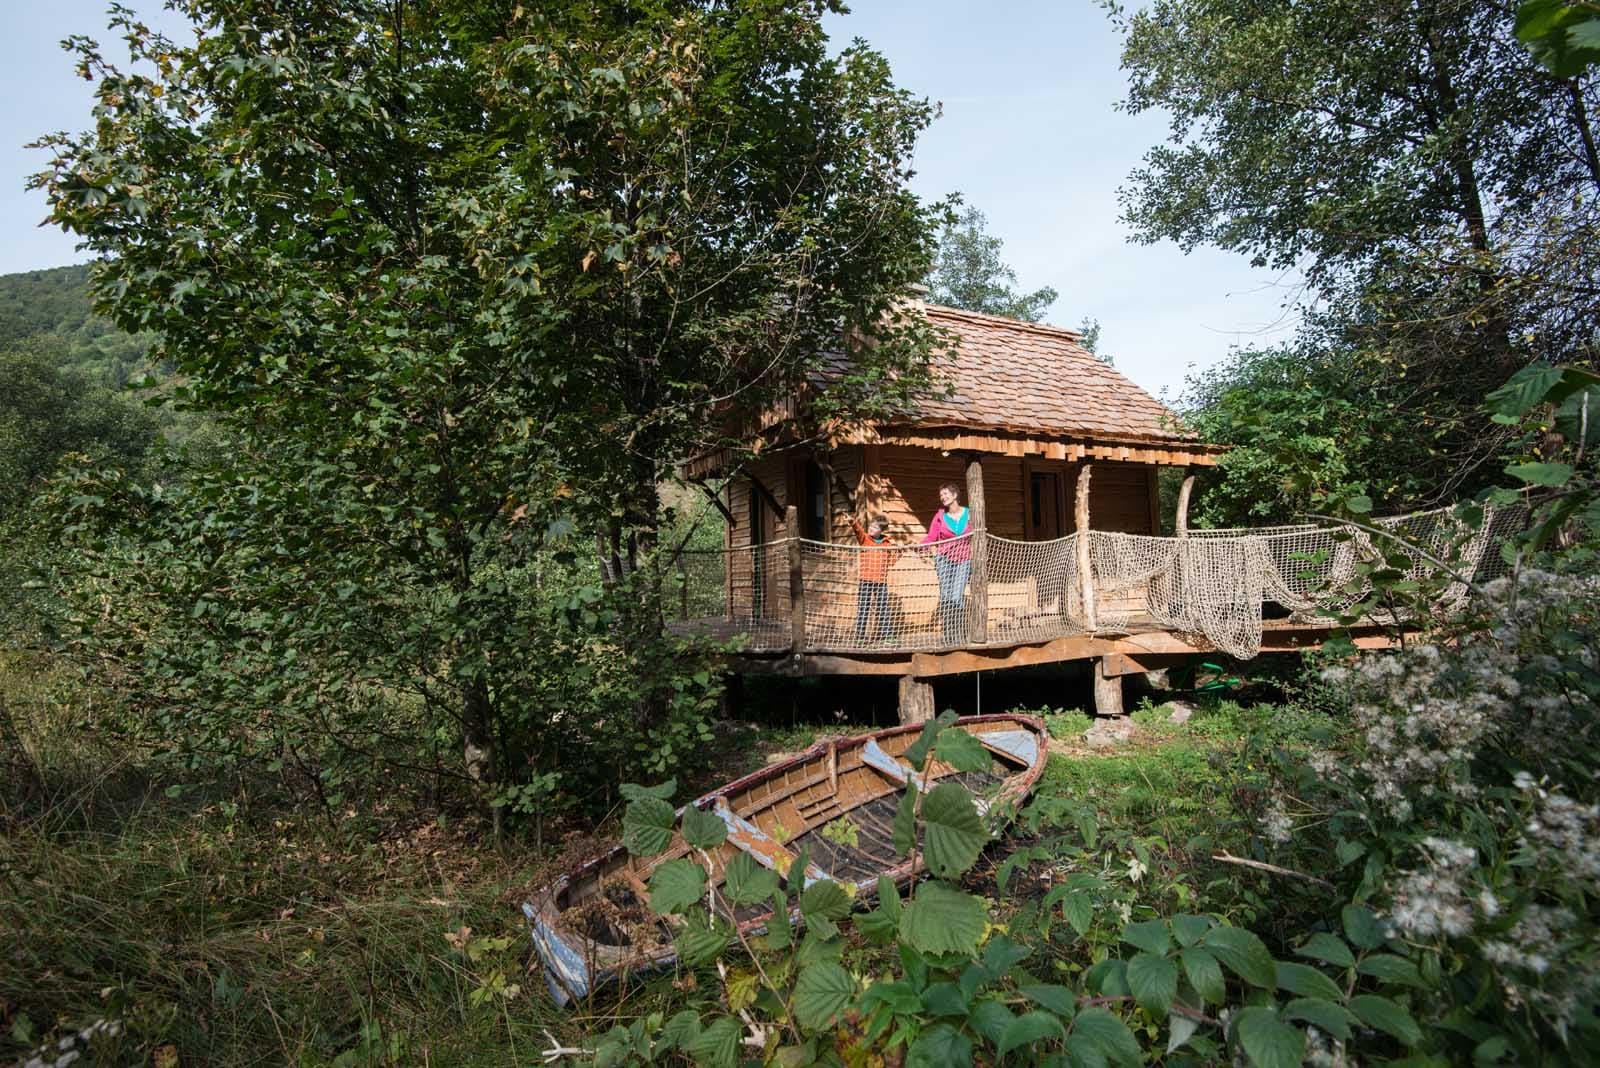 Diaporama - Nuits insolites cabane en bois montagne ...